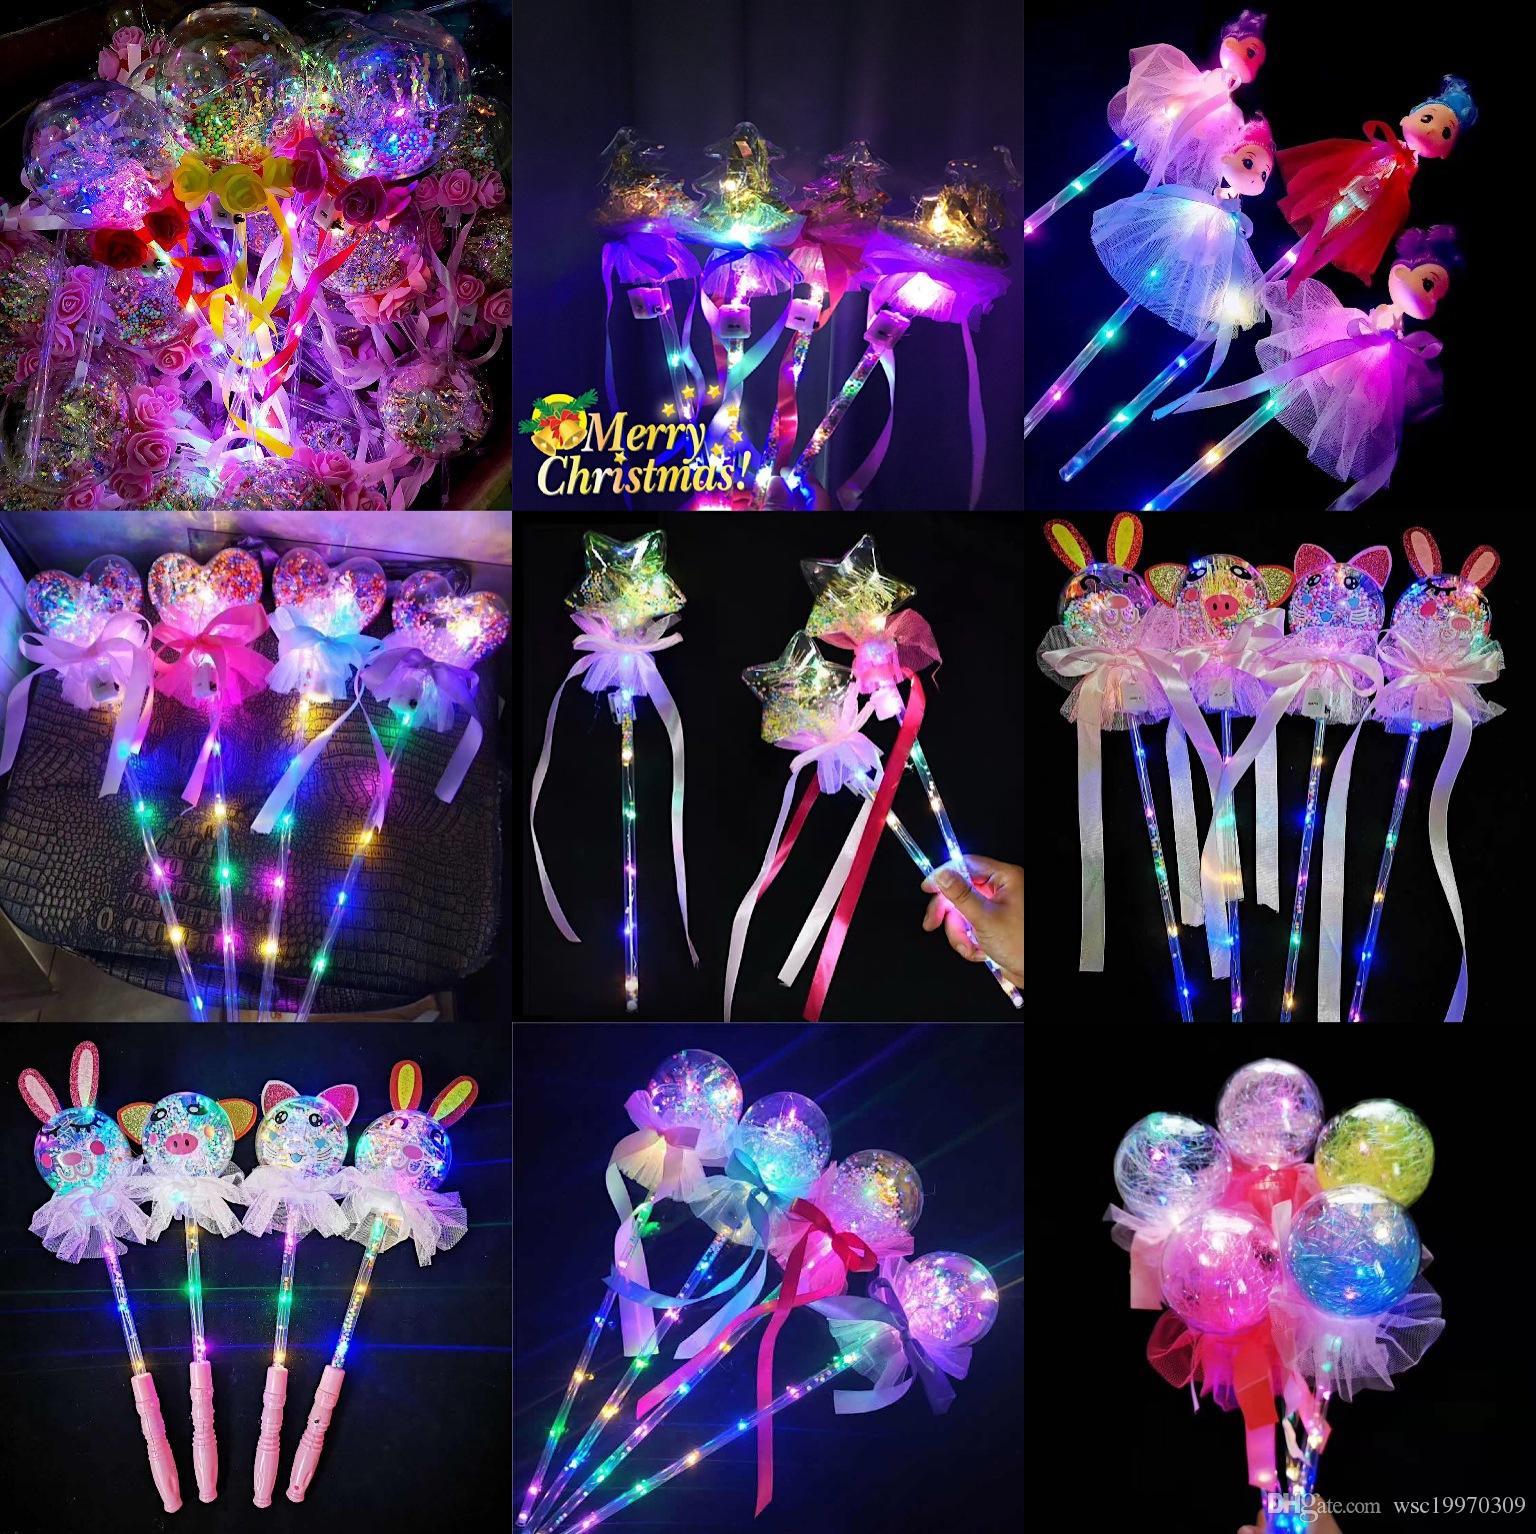 Weihnachten neue LED-Blitz Welle Kugel Zauberstab glüht Stick Sterne Ball Spielzeug kleine Fee glüht must-have Weihnachtsdekoration